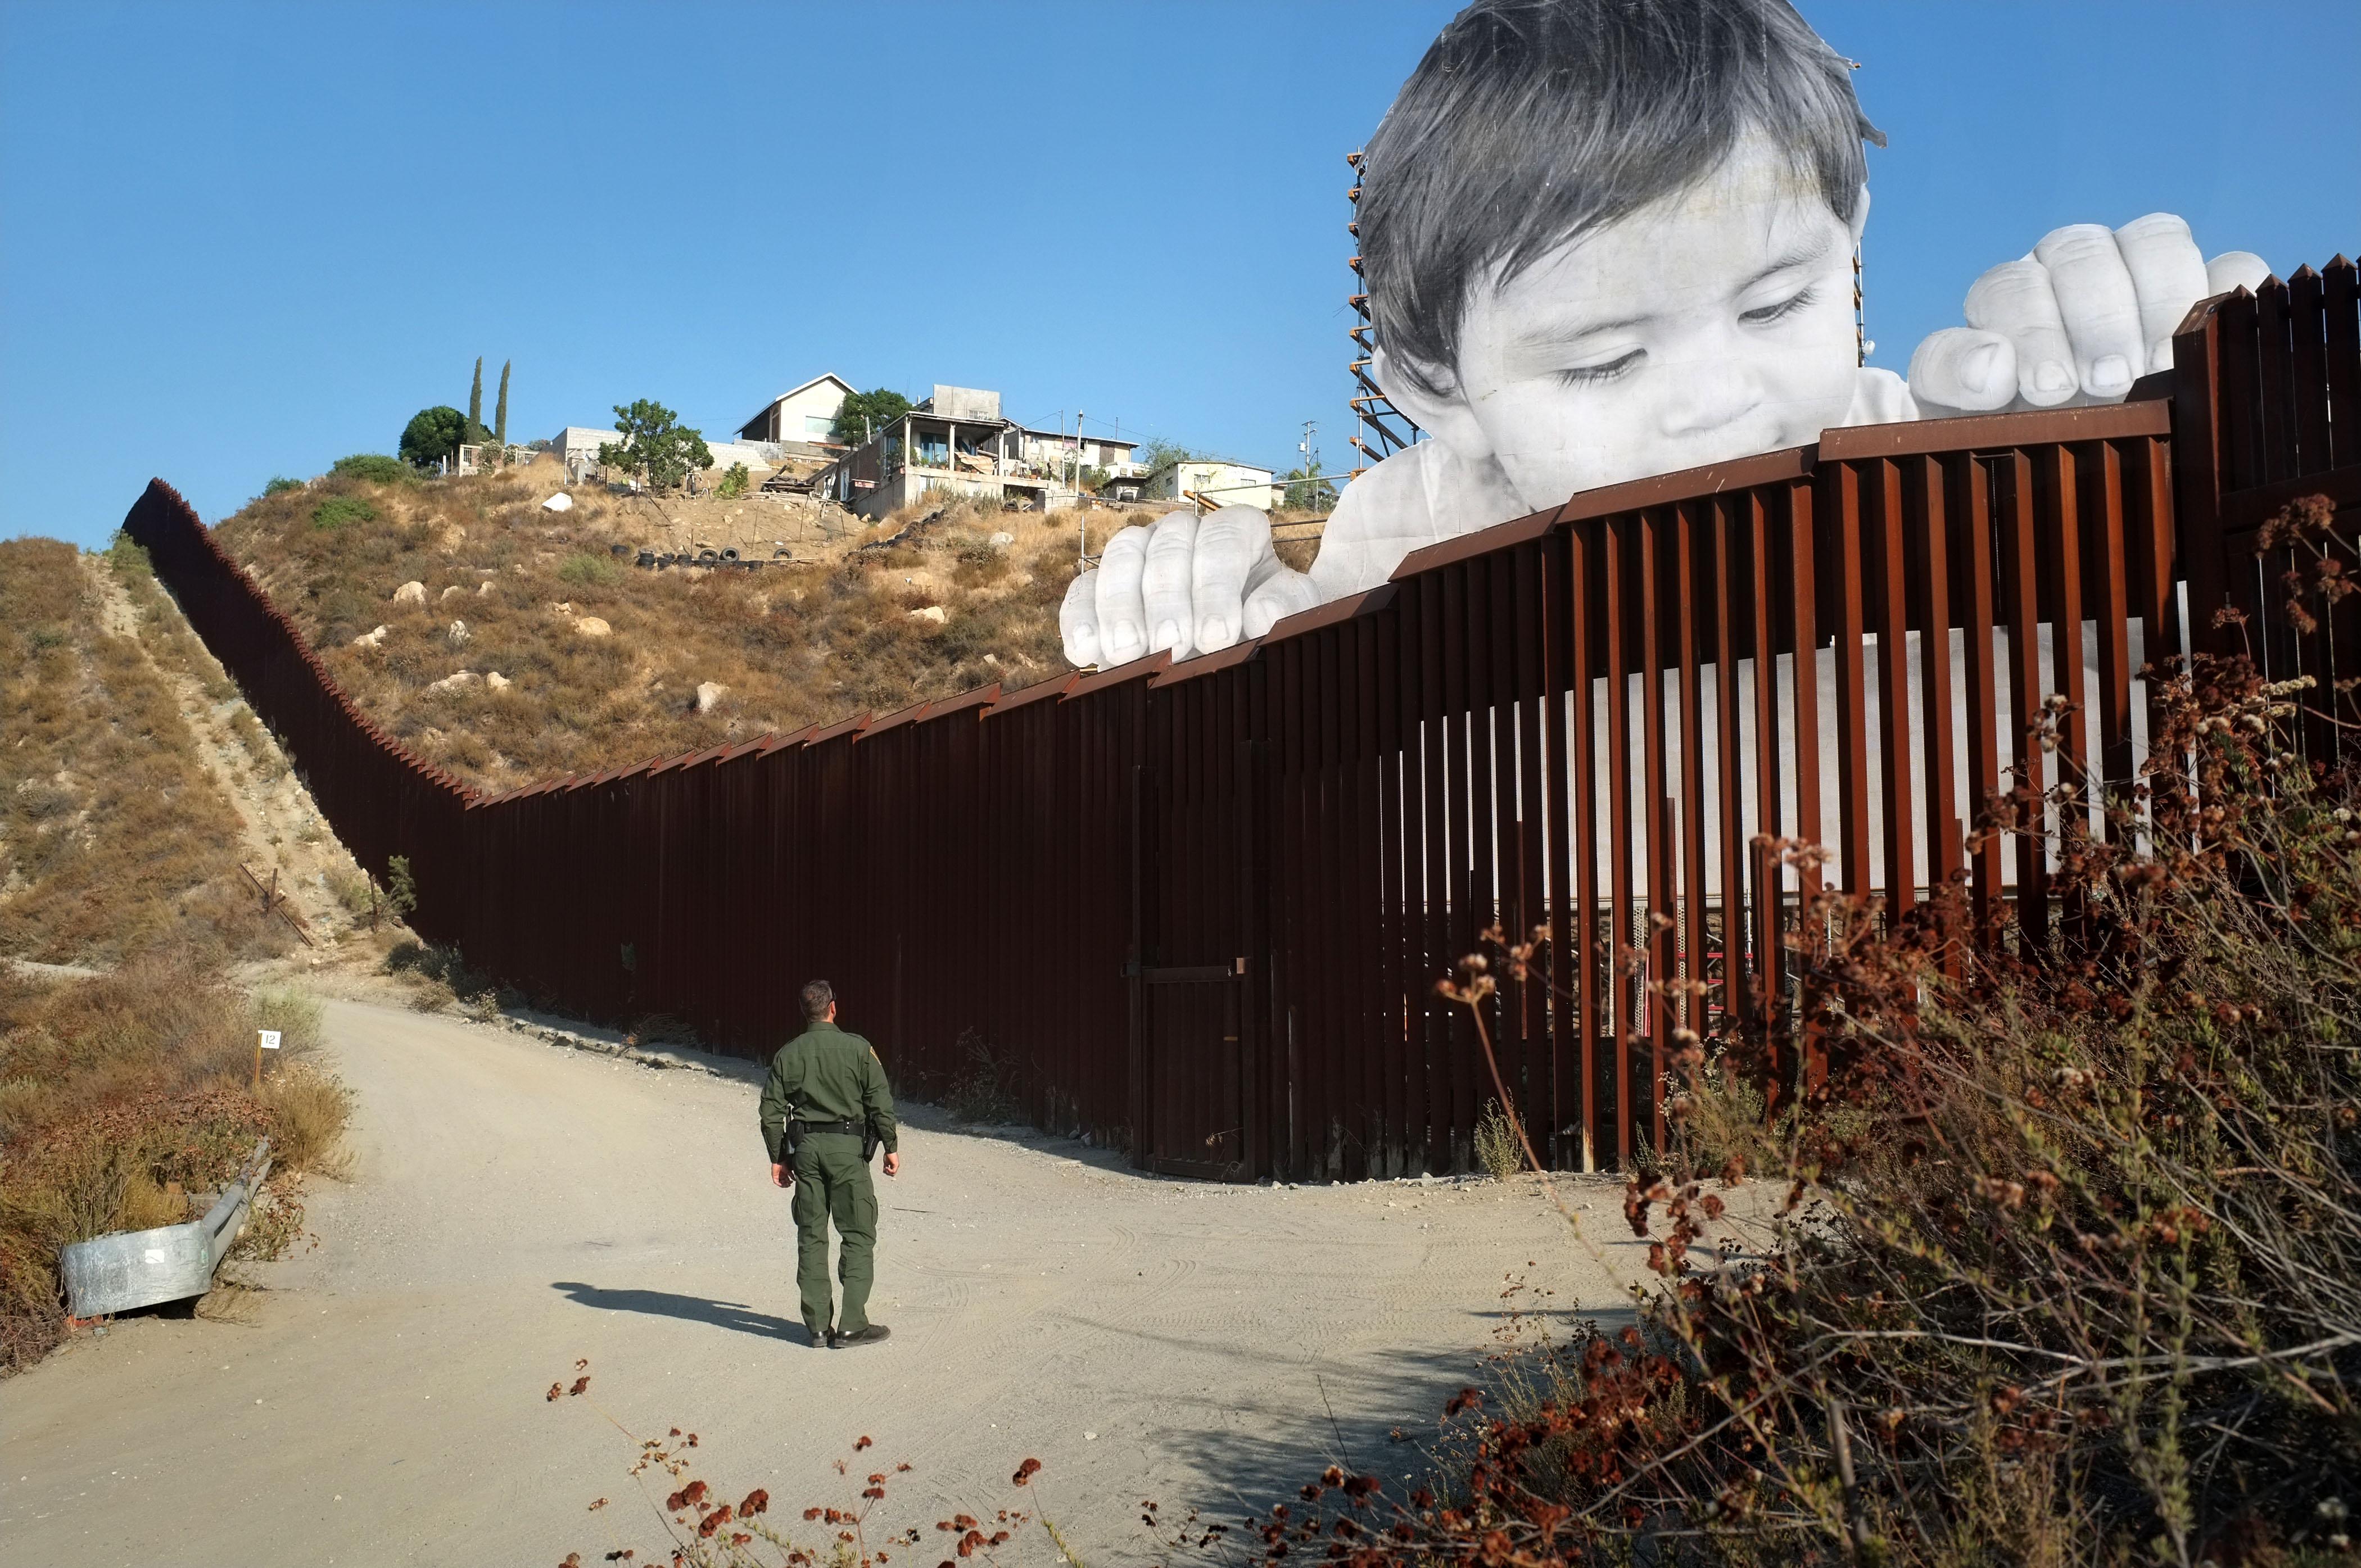 """Un agent de la Patrulla Fronterera nord-americana observa l'obra """"Kikito"""", de l'artista francès JR, que s'aixeca entre la frontera dels EUA i Mèxic. /DAVID MAUNG"""